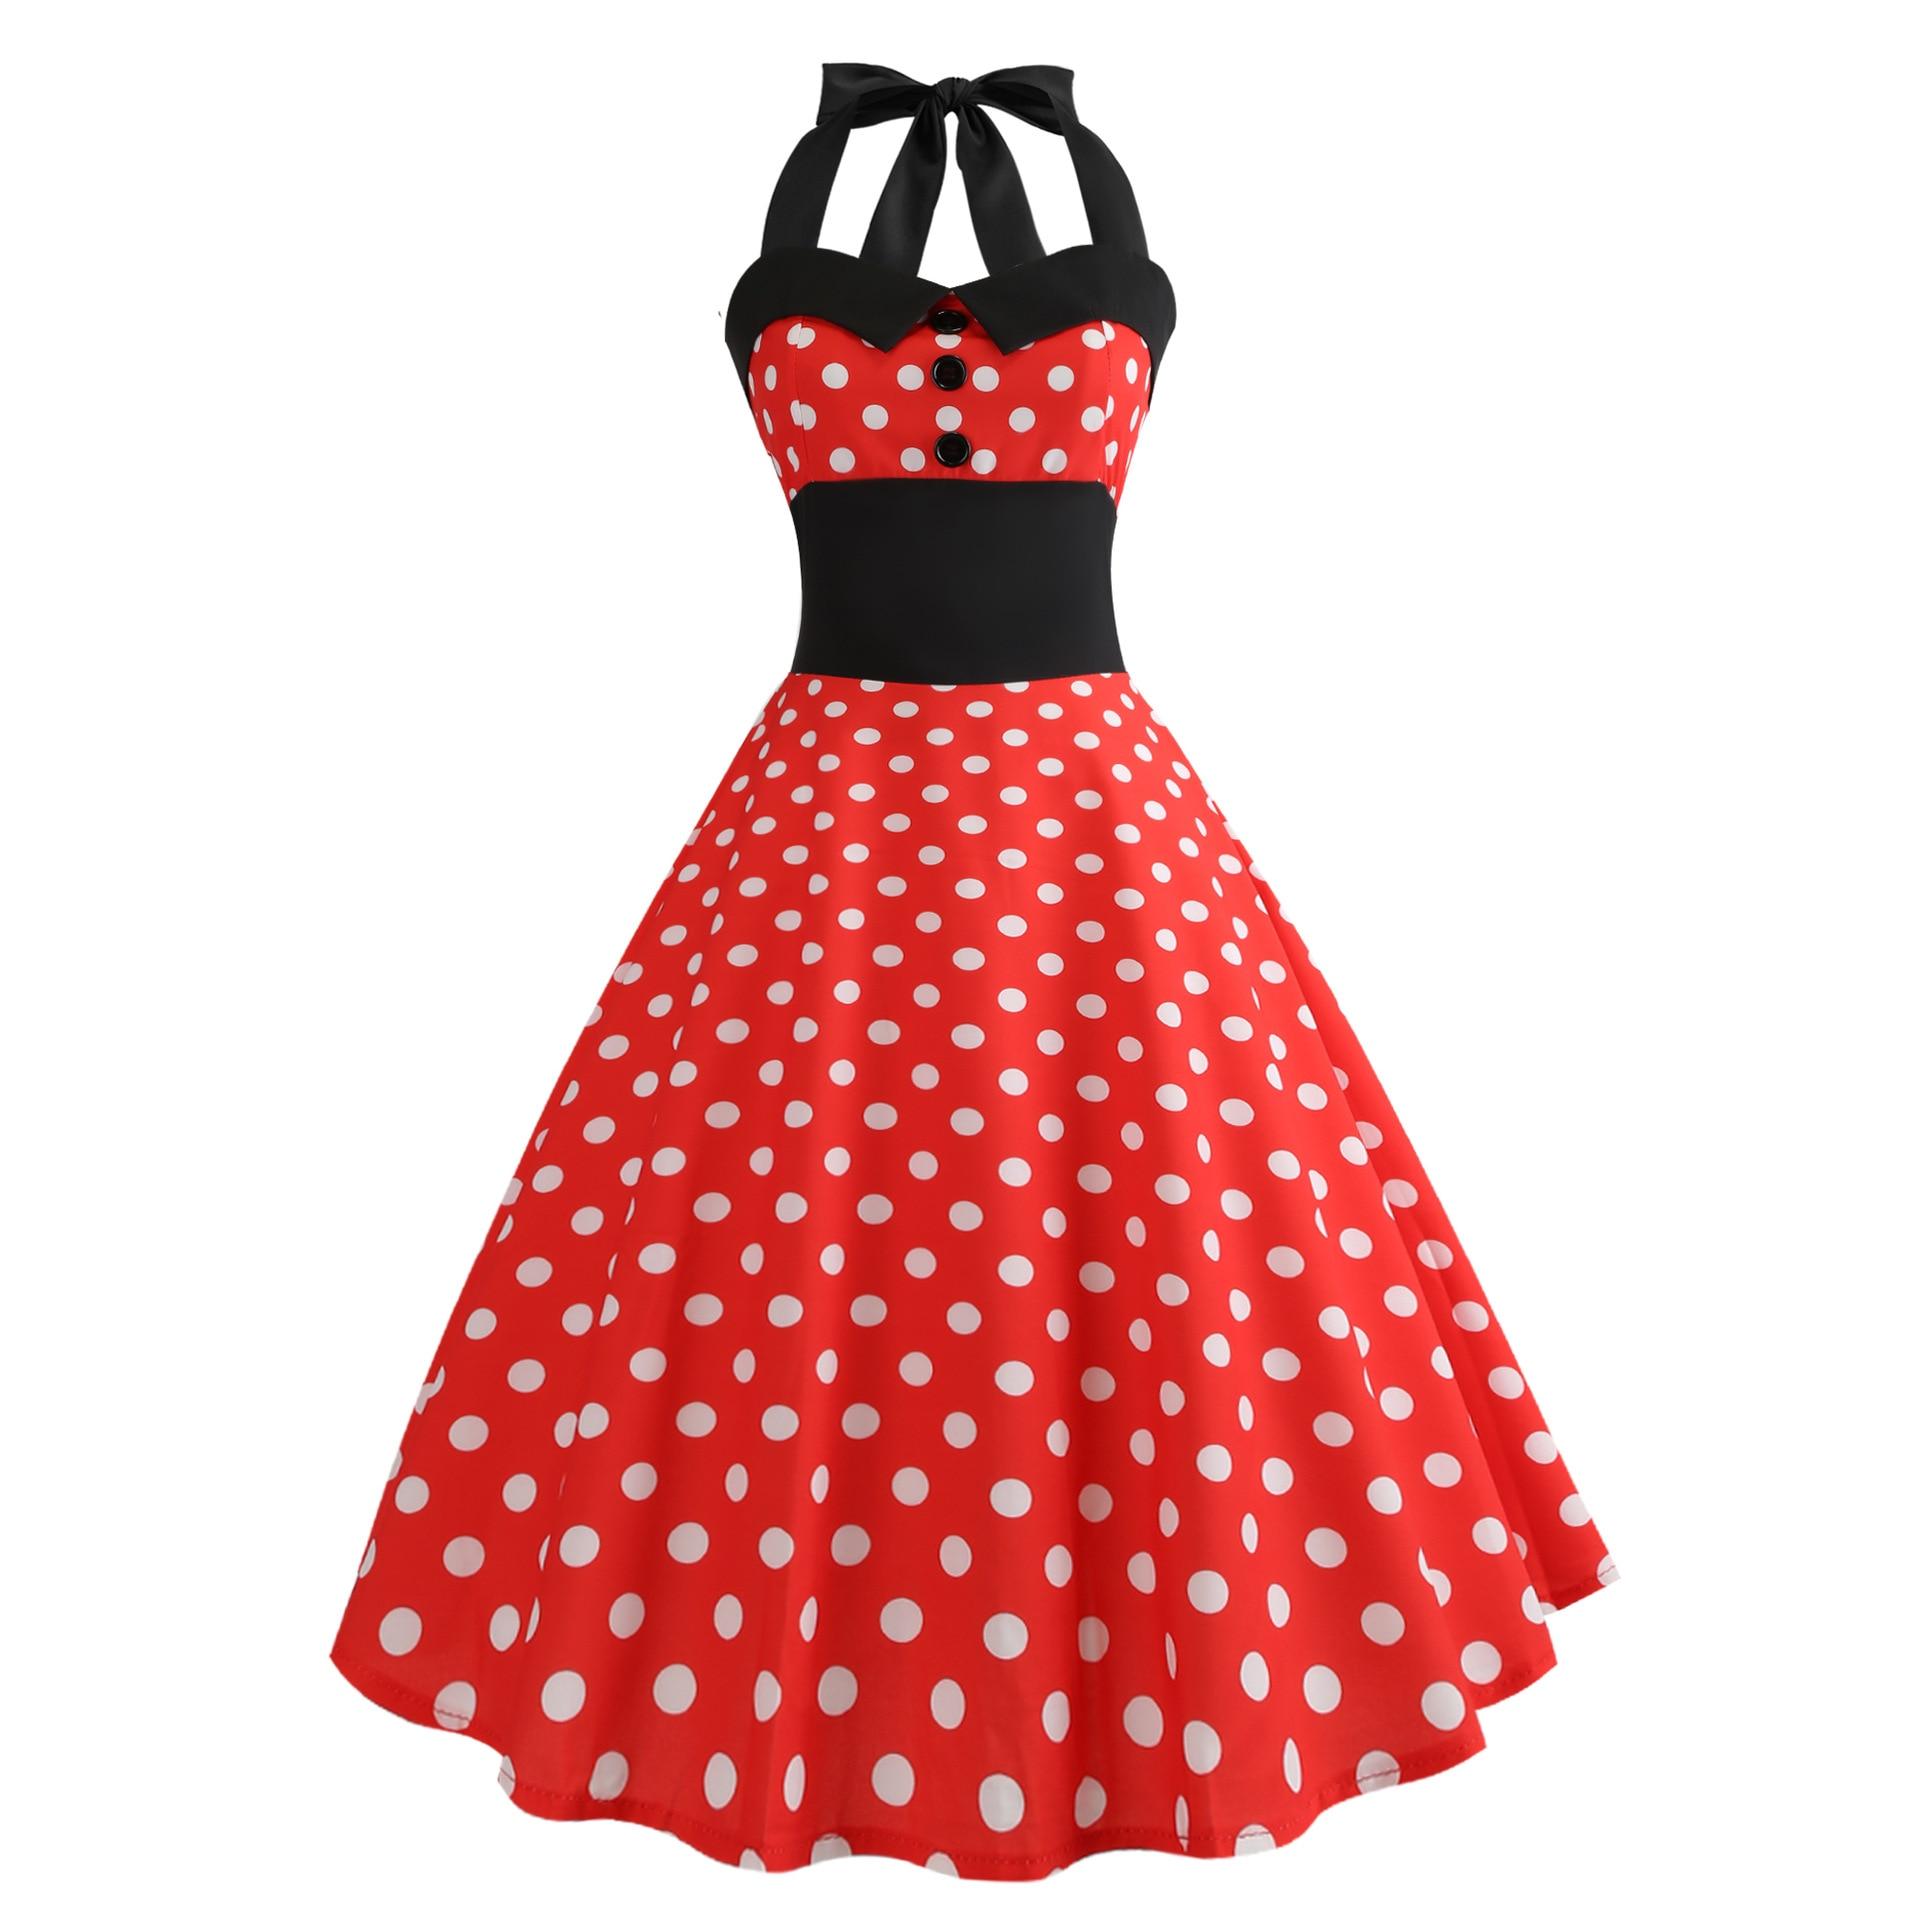 Купить женское летнее платье в винтажном стиле цветочный принт рокабилли